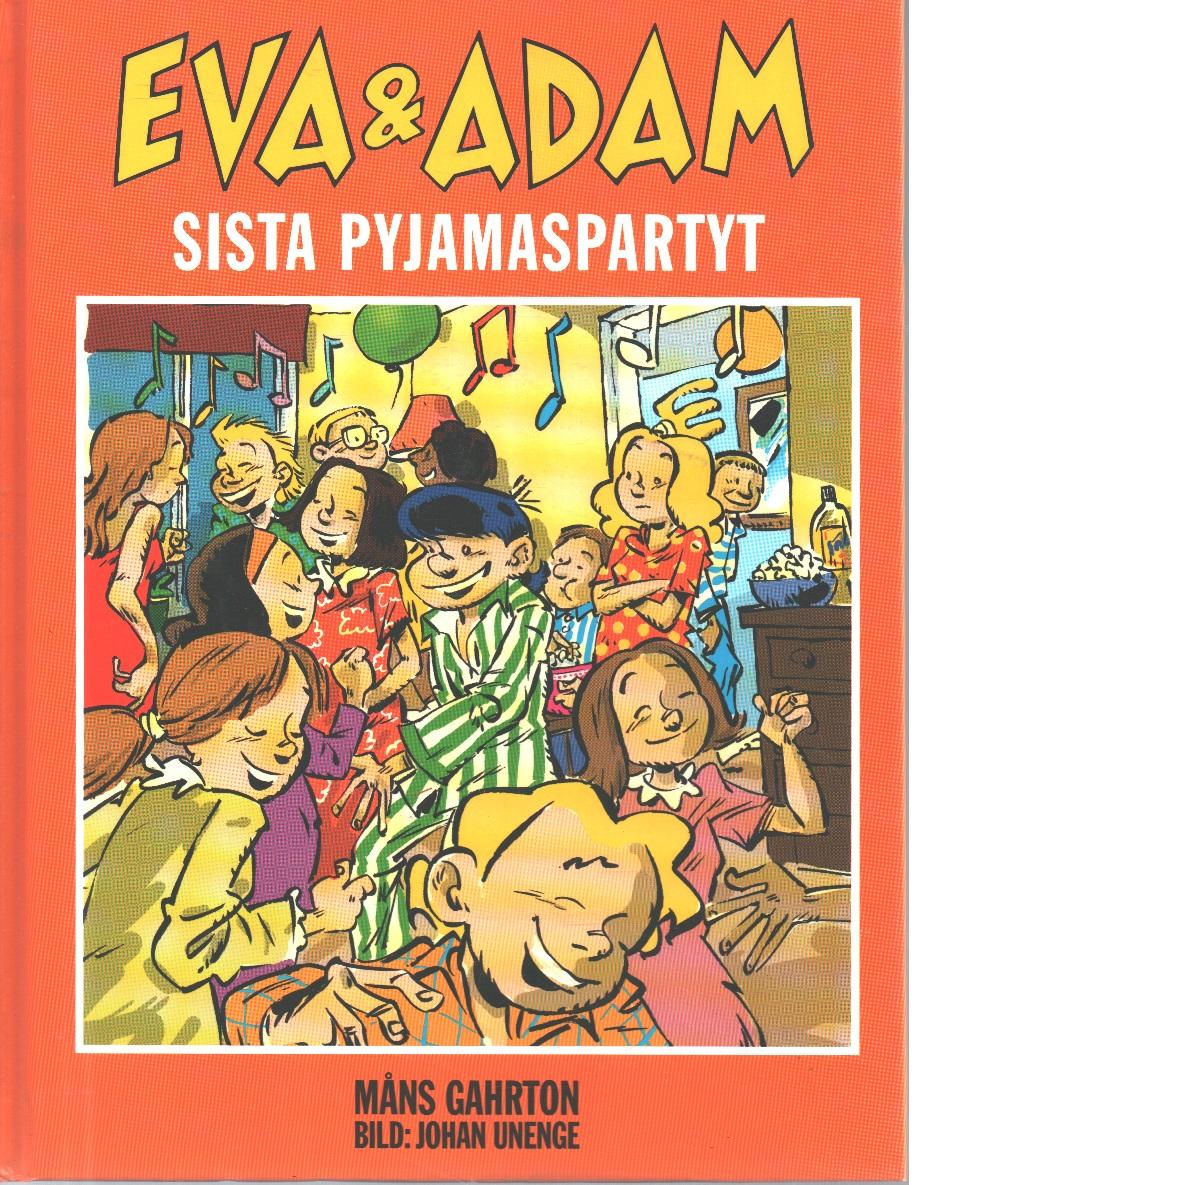 Eva och Adam. Sista pyjamaspartyt - Gahrton, Måns